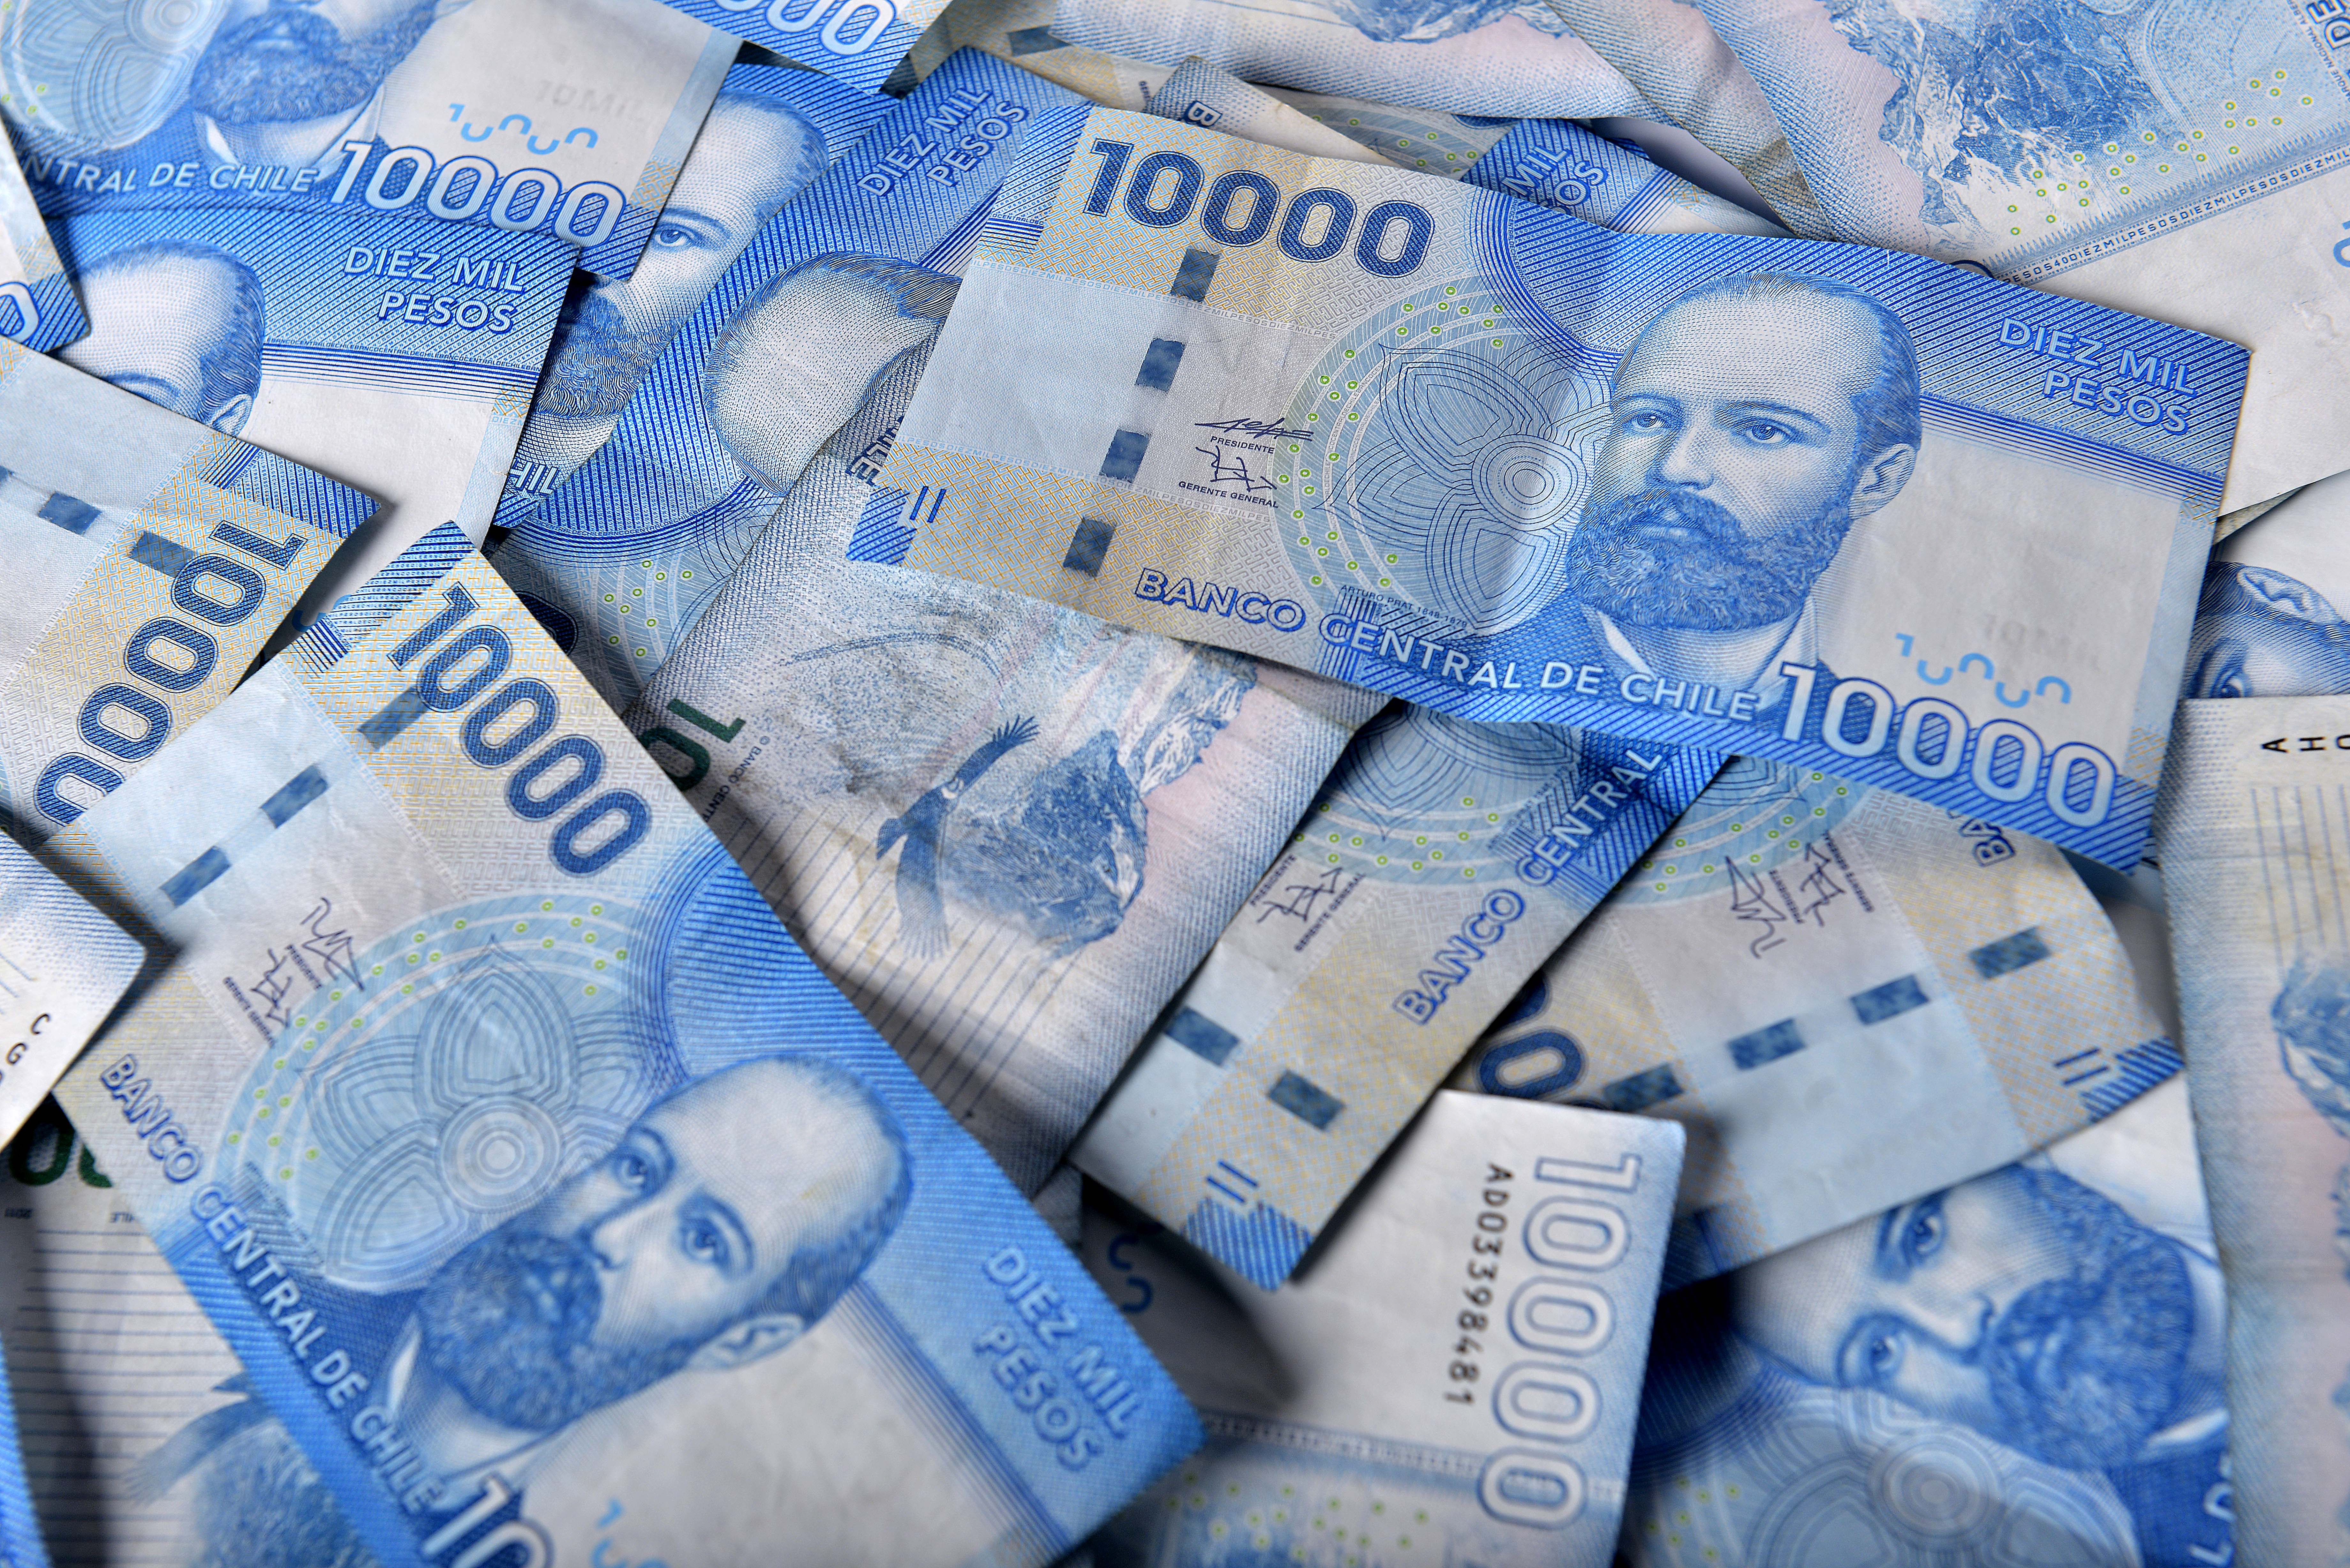 Cómo cobrar los dineros olvidados en la Tesorería: hay $22.800 millones disponibles